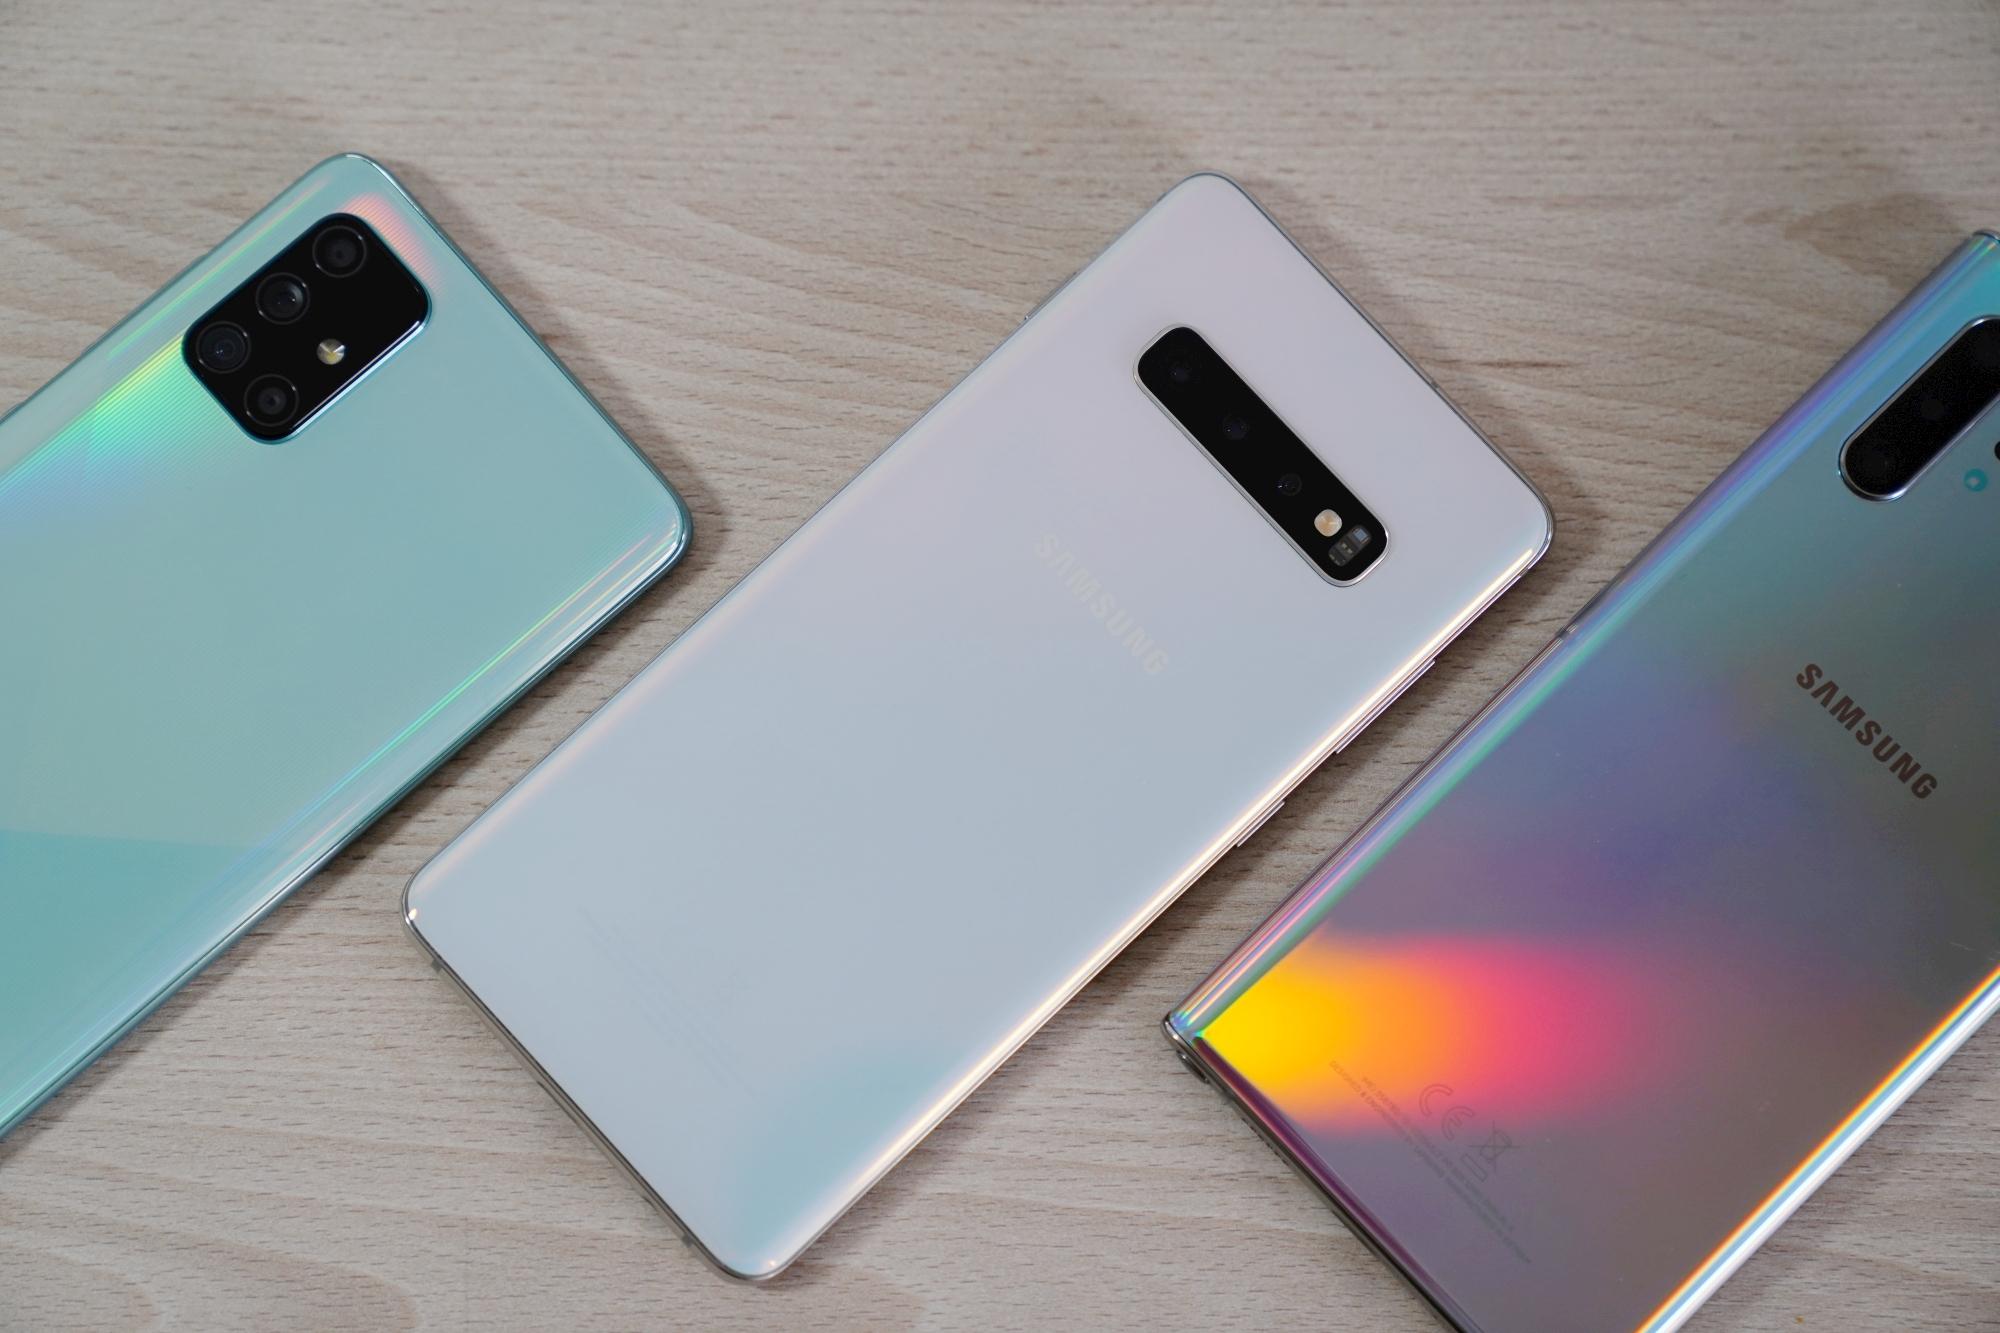 Samsung Galaxy A51 Galaxy S10+ Galaxy Note 10